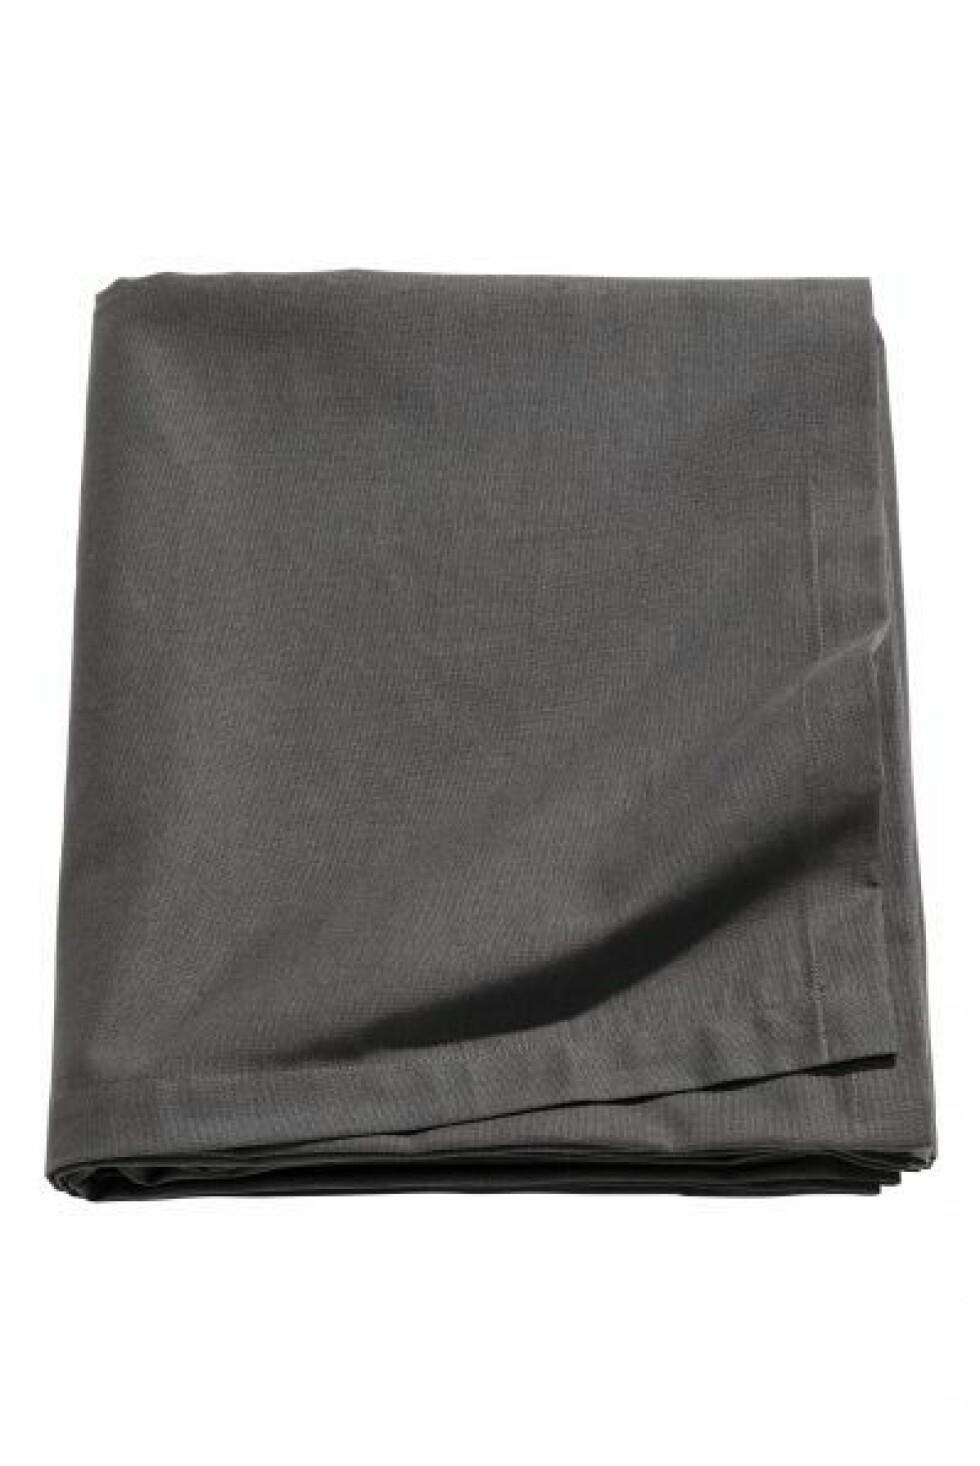 Linduk i antrasittgrå, 145×250 (kr 150, H&M Home).